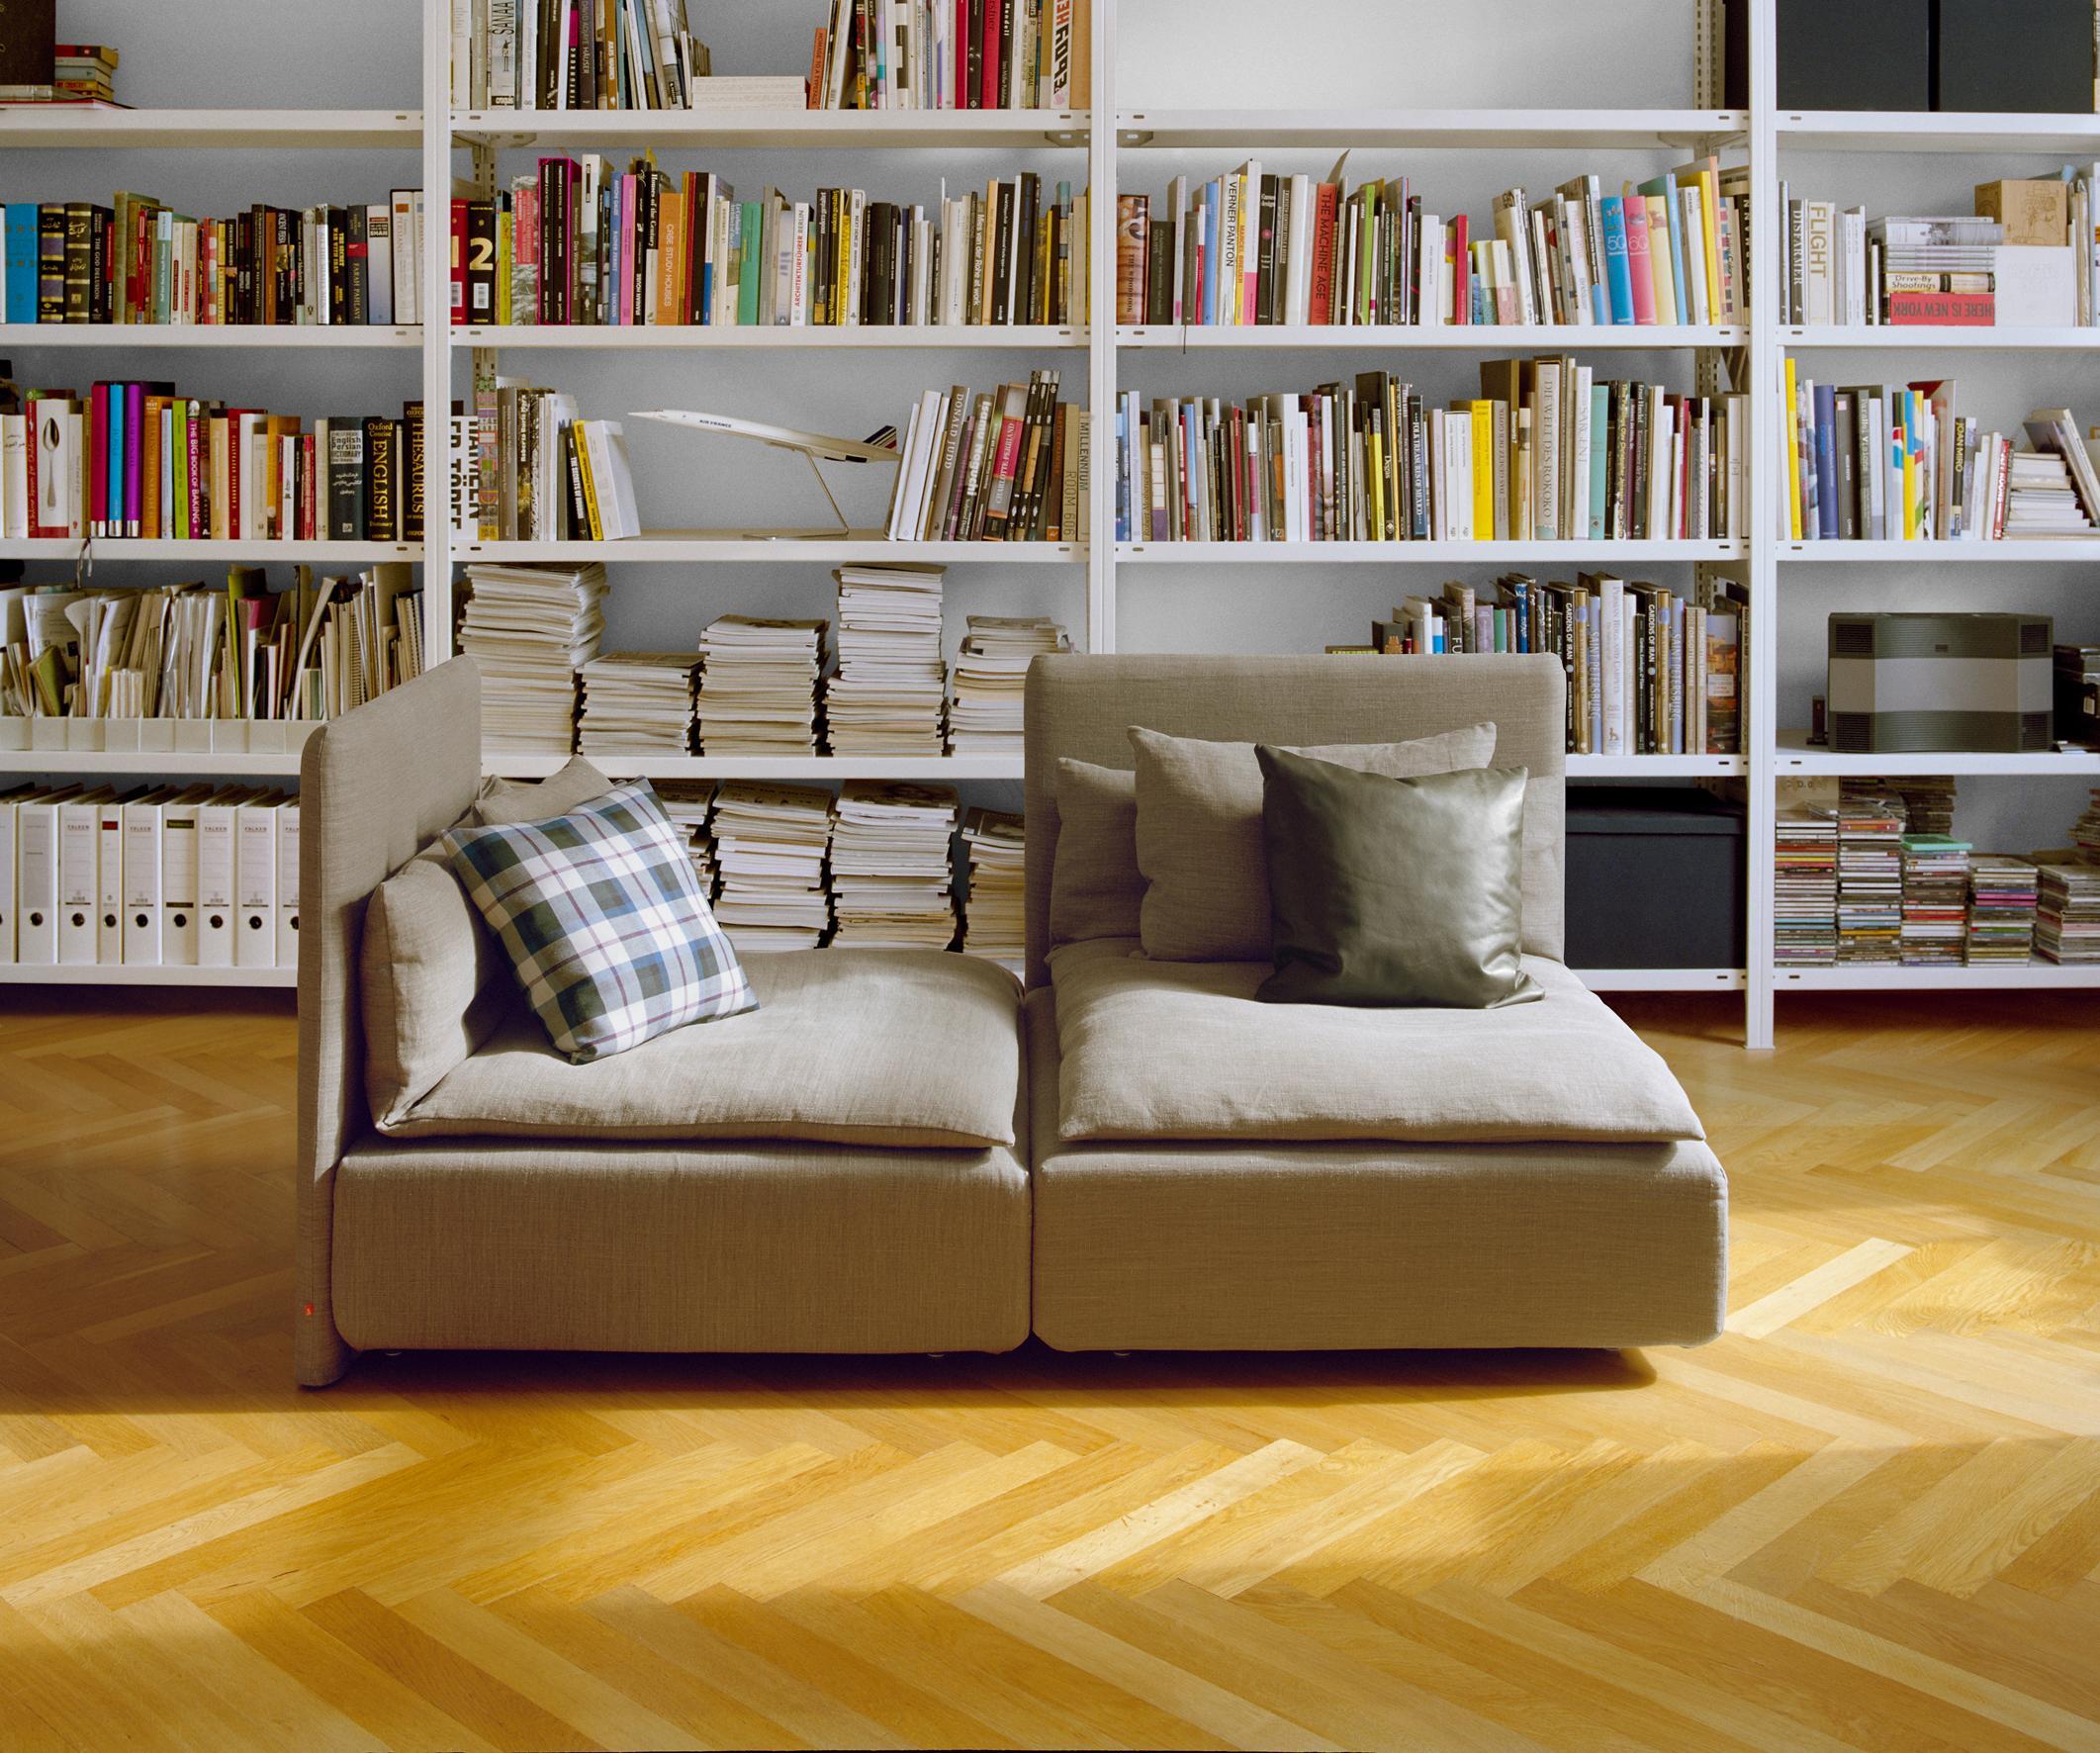 Wohnzimmer Mit Bücherregal | Großhandel Neue ...